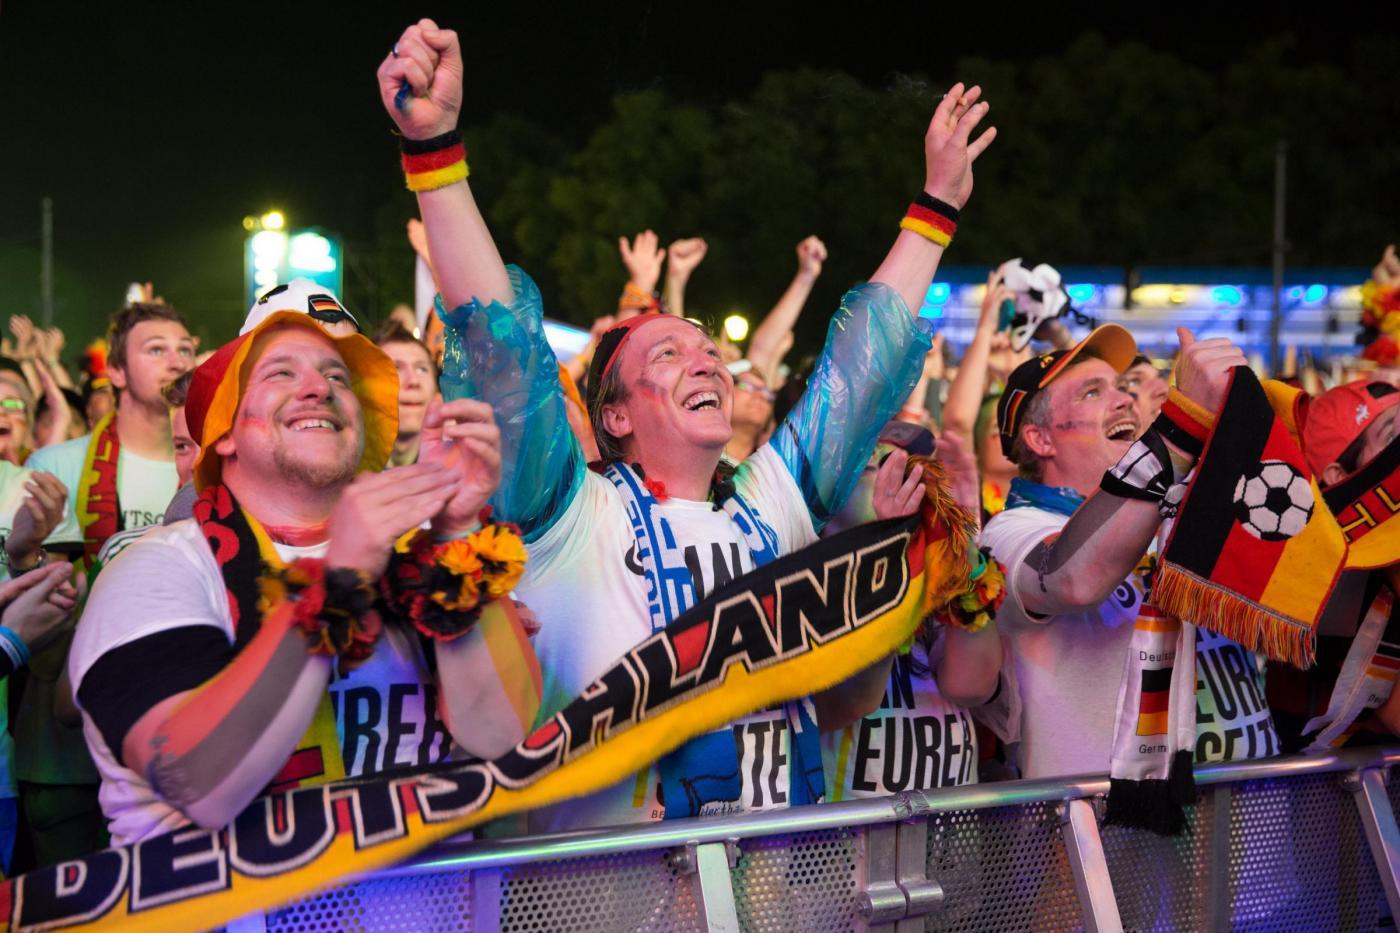 Mondiali tifosi tedeschi esultano per il 7 1 al brasile26 - Agenzie immobiliari ad amburgo ...